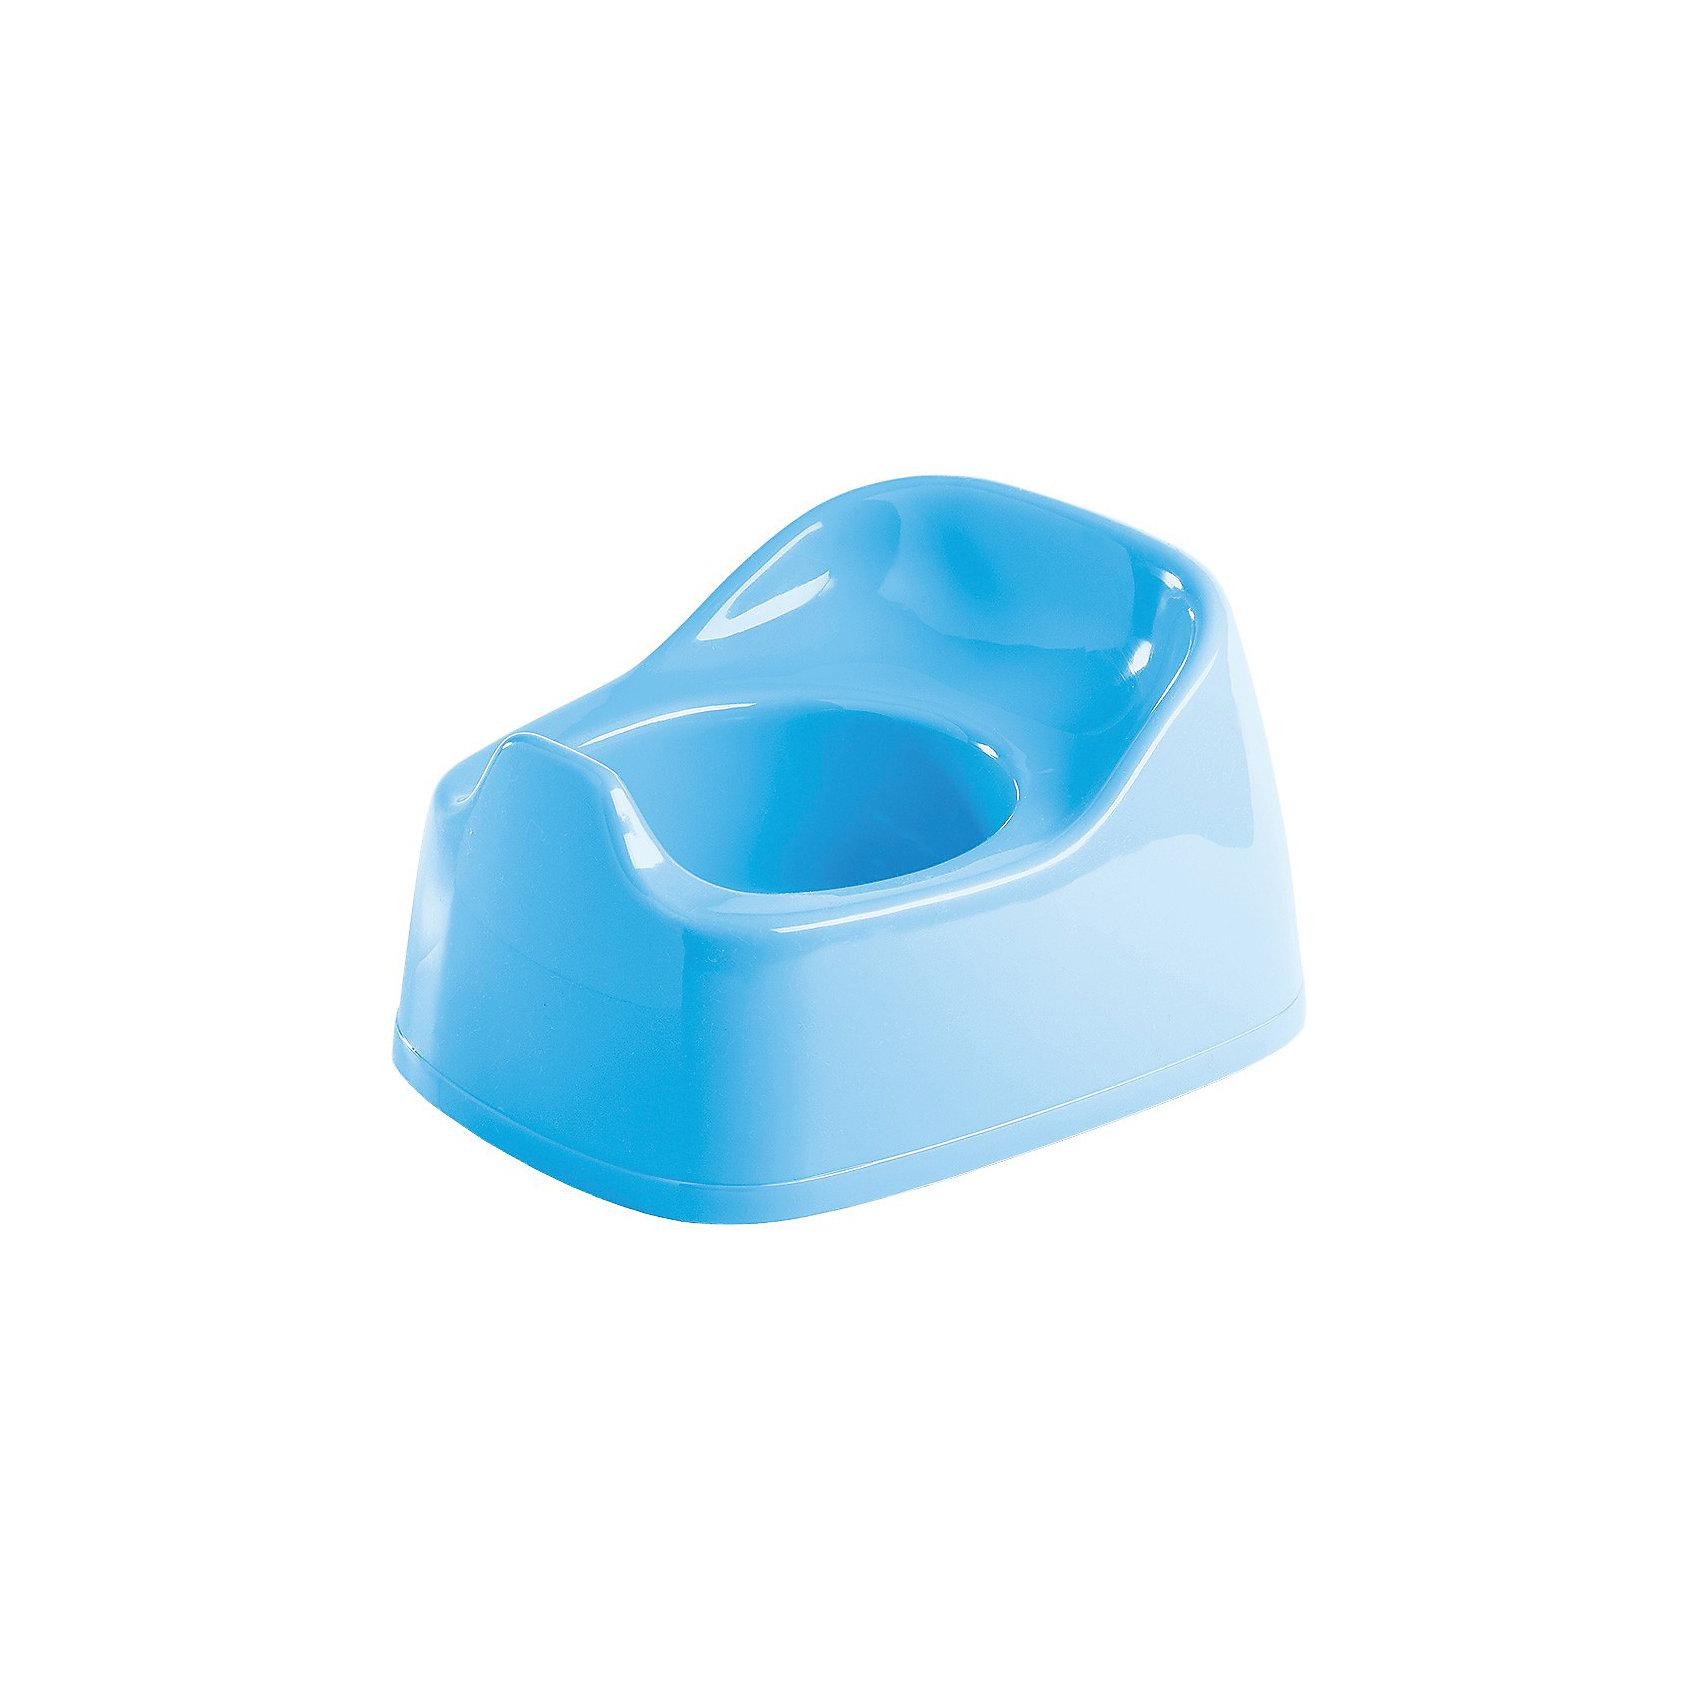 Горшок детский, Пластишка, голубой